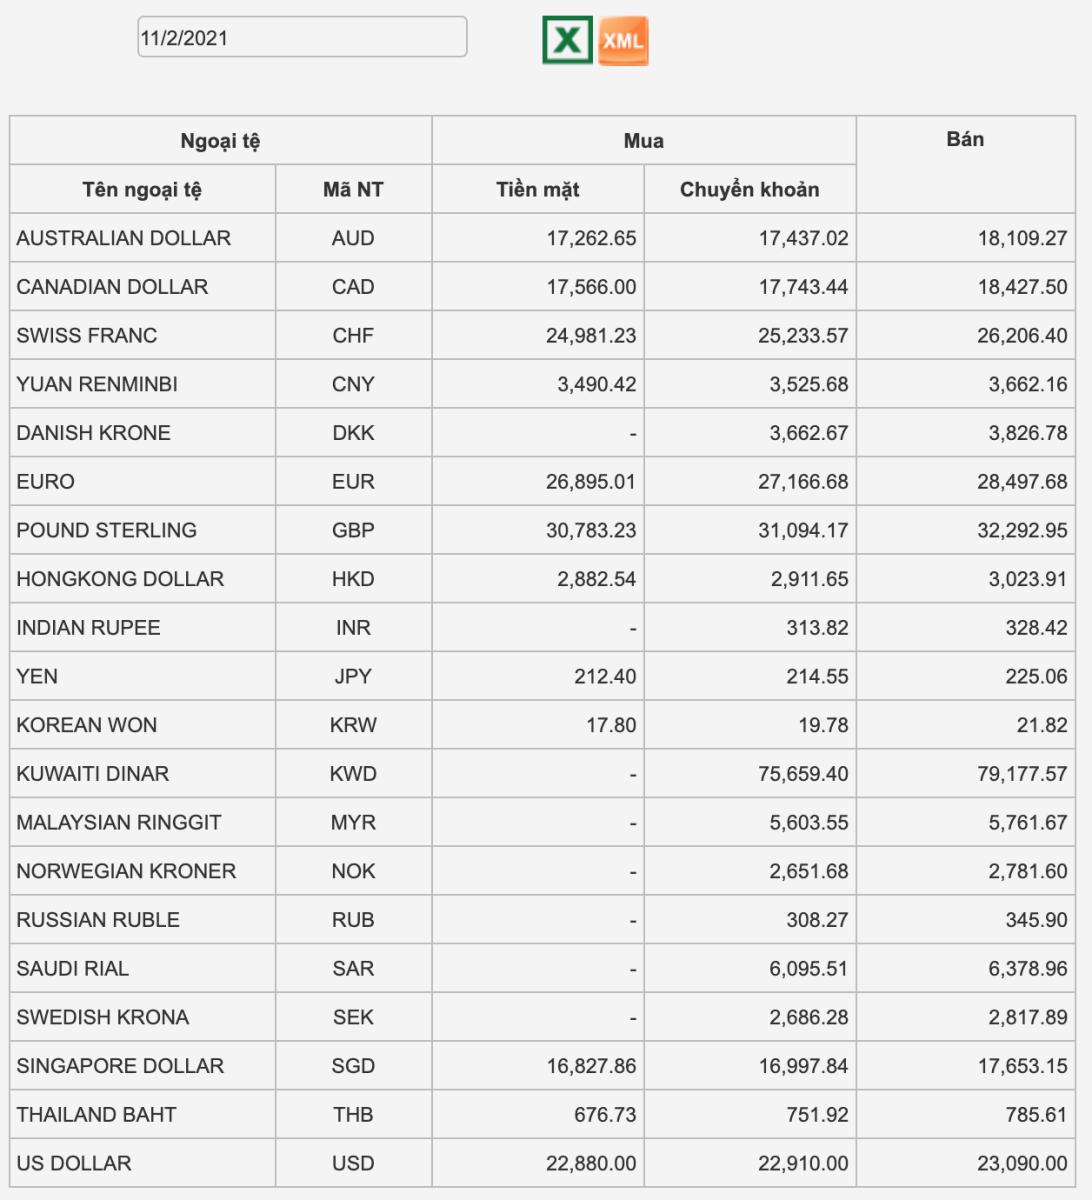 Tỷ giá Vietcombank hôm nay 11/2: Cả 2 chiều giao dịch không biến động, tỷ giá chợ đen tăng sốc